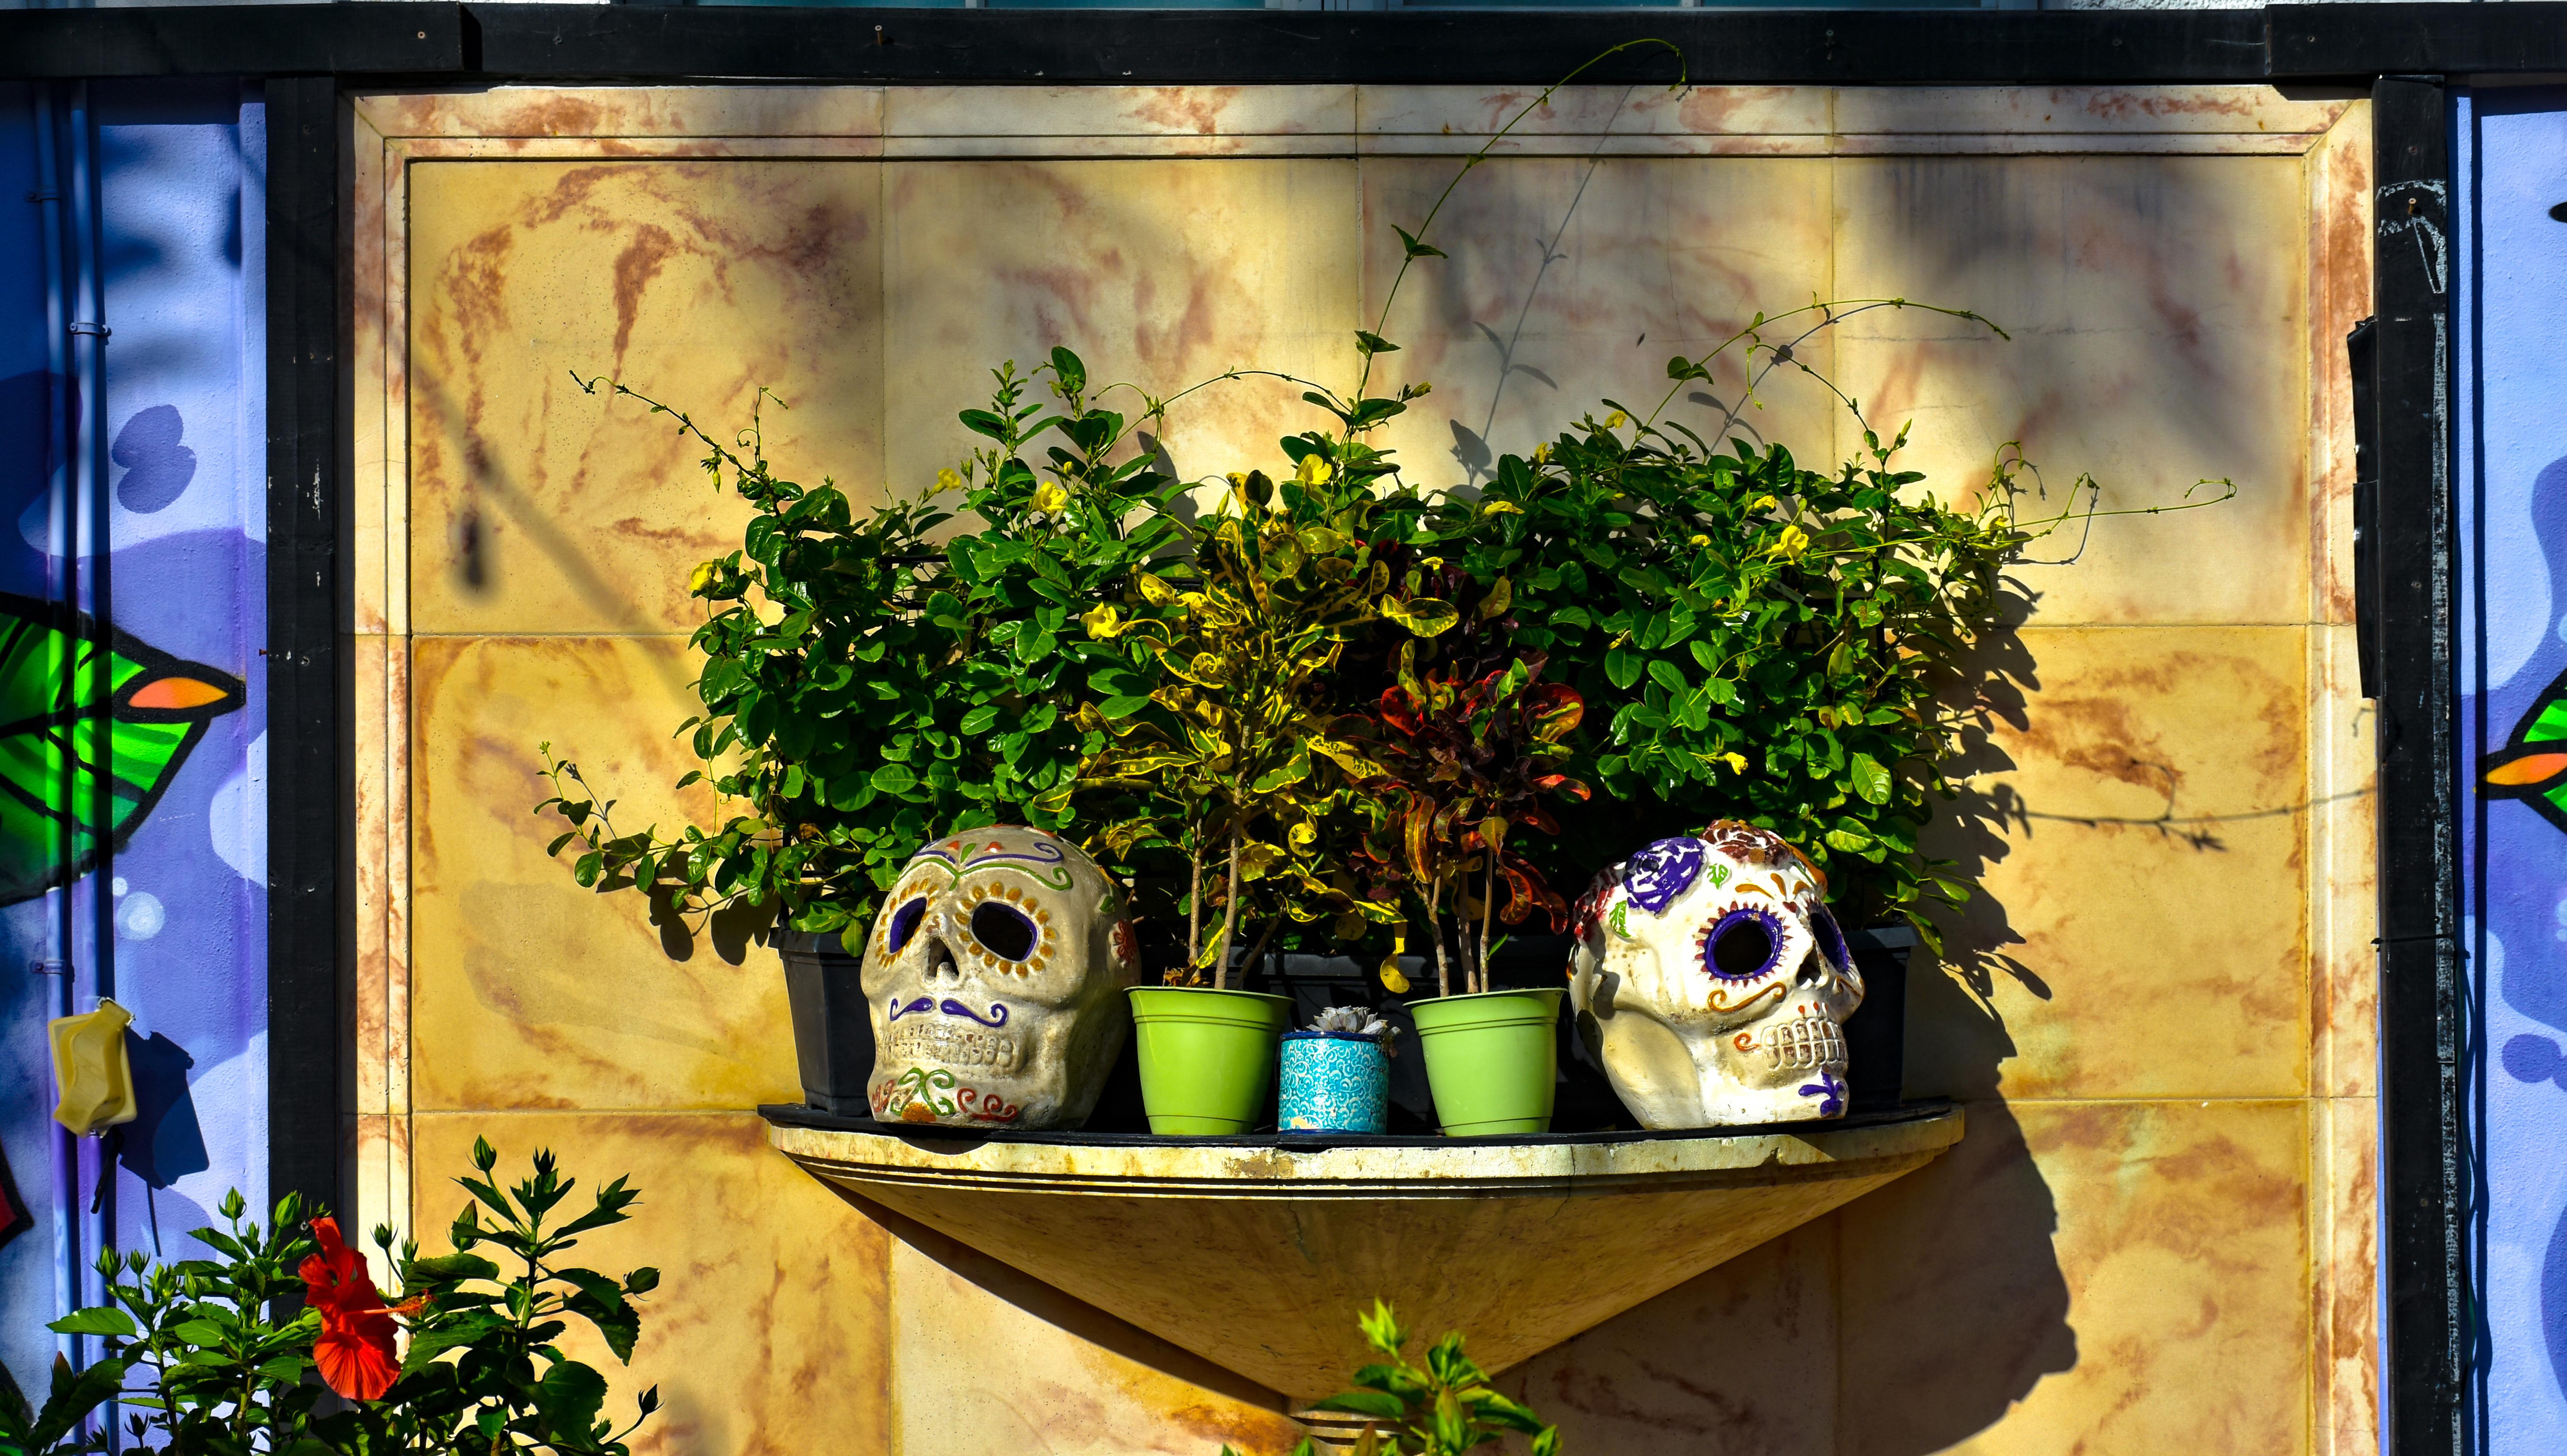 El Dia de los Muertos, South Beach, Miami, Florida